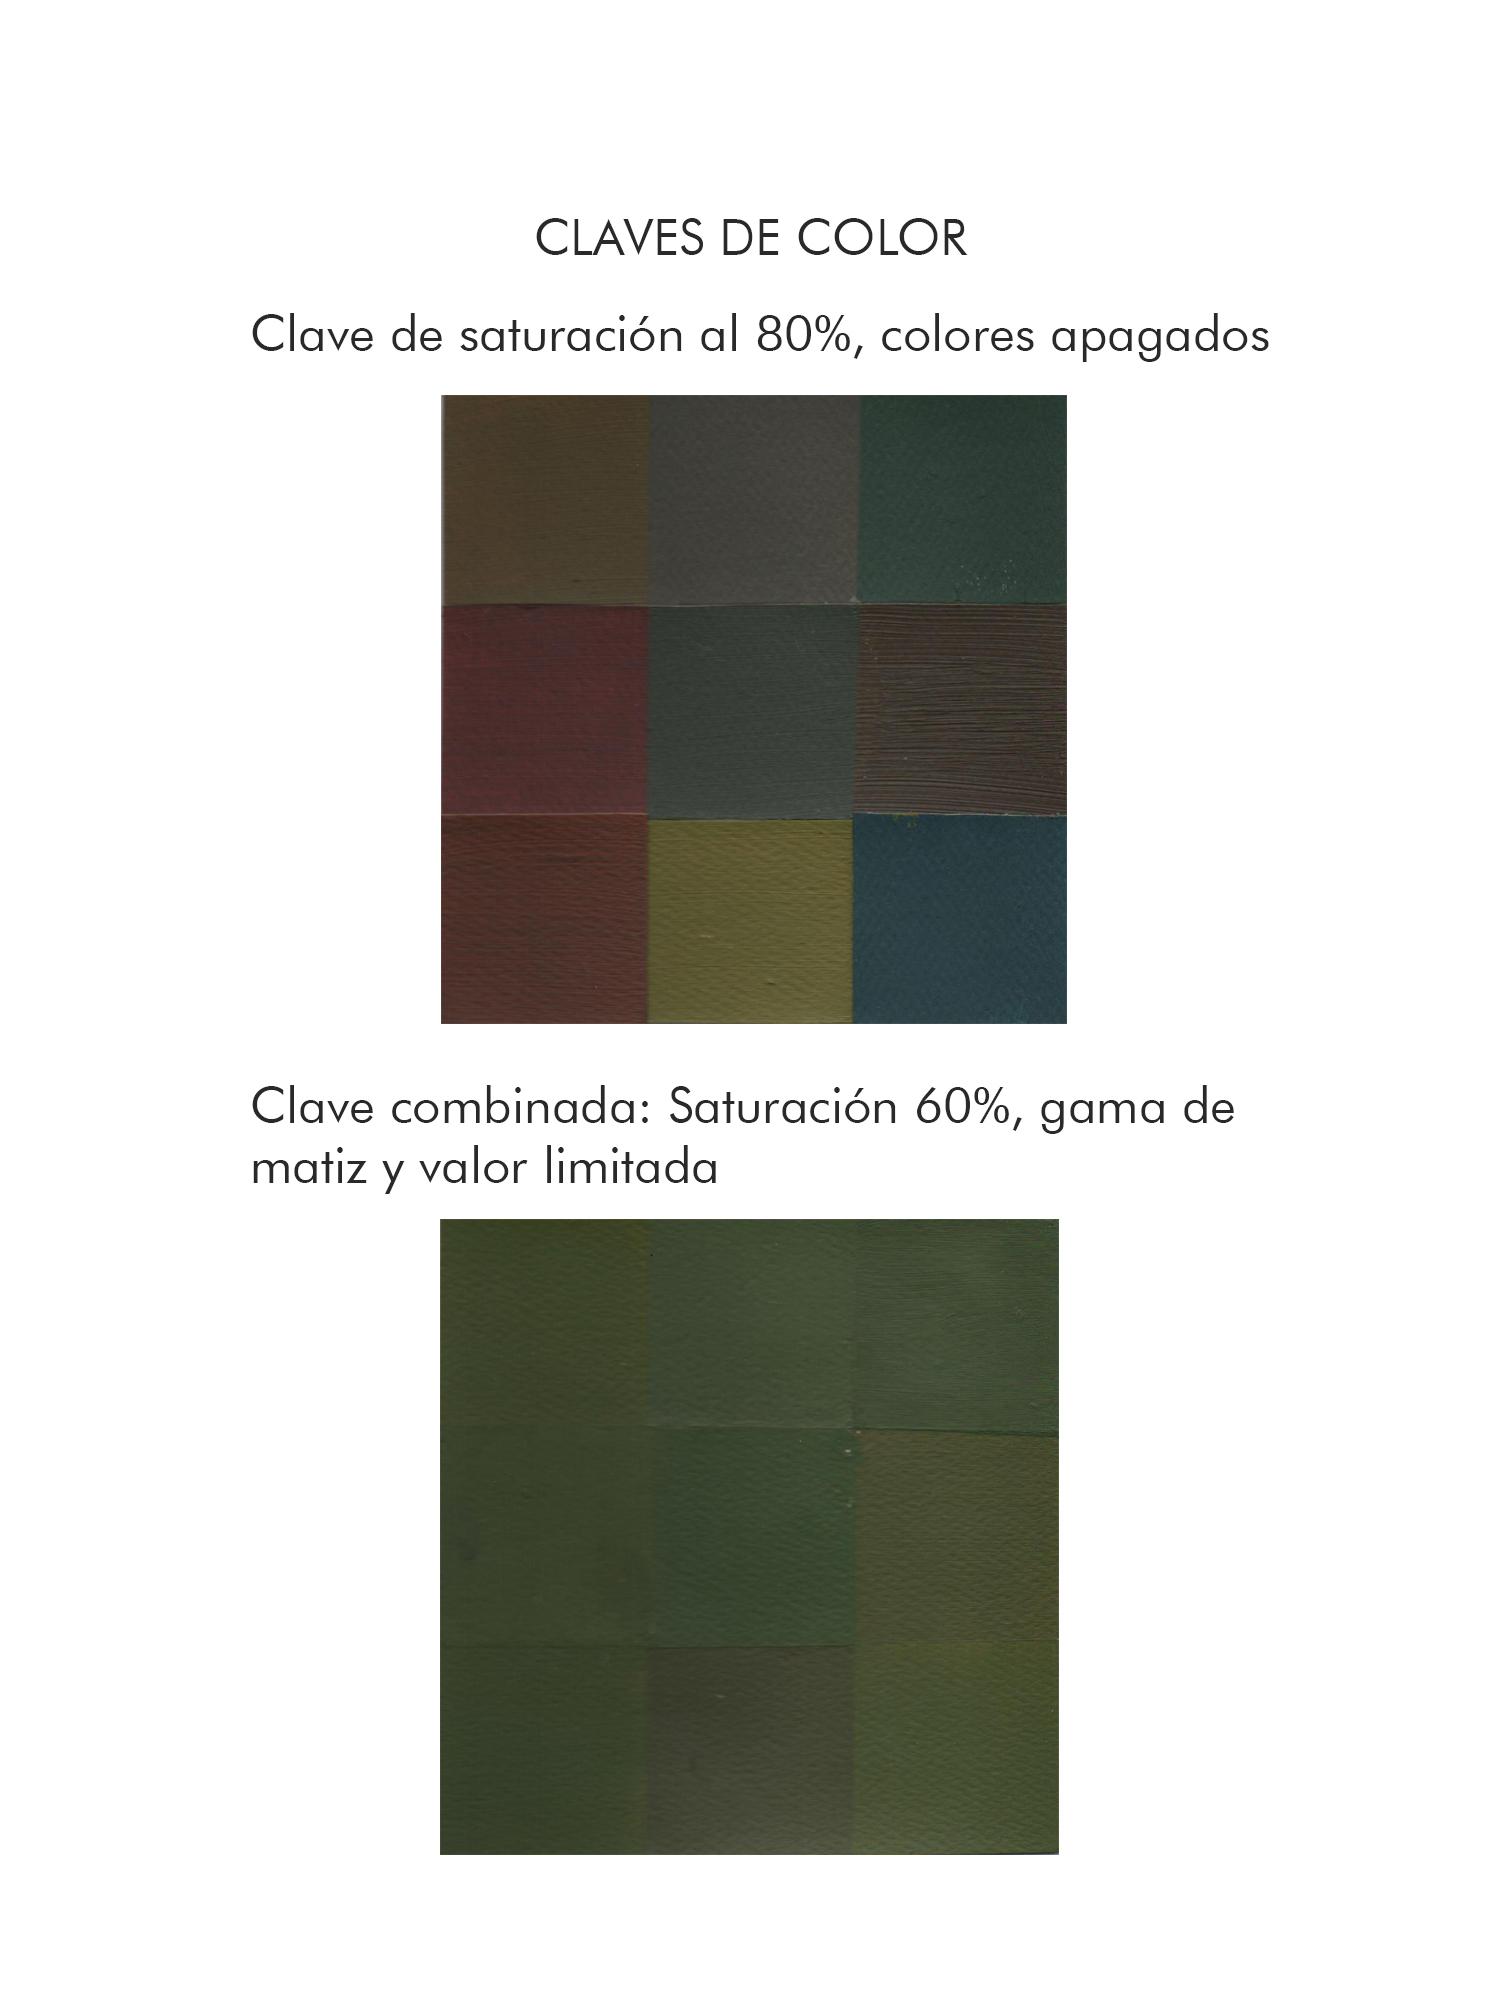 Andrea Santillán, Claves de color